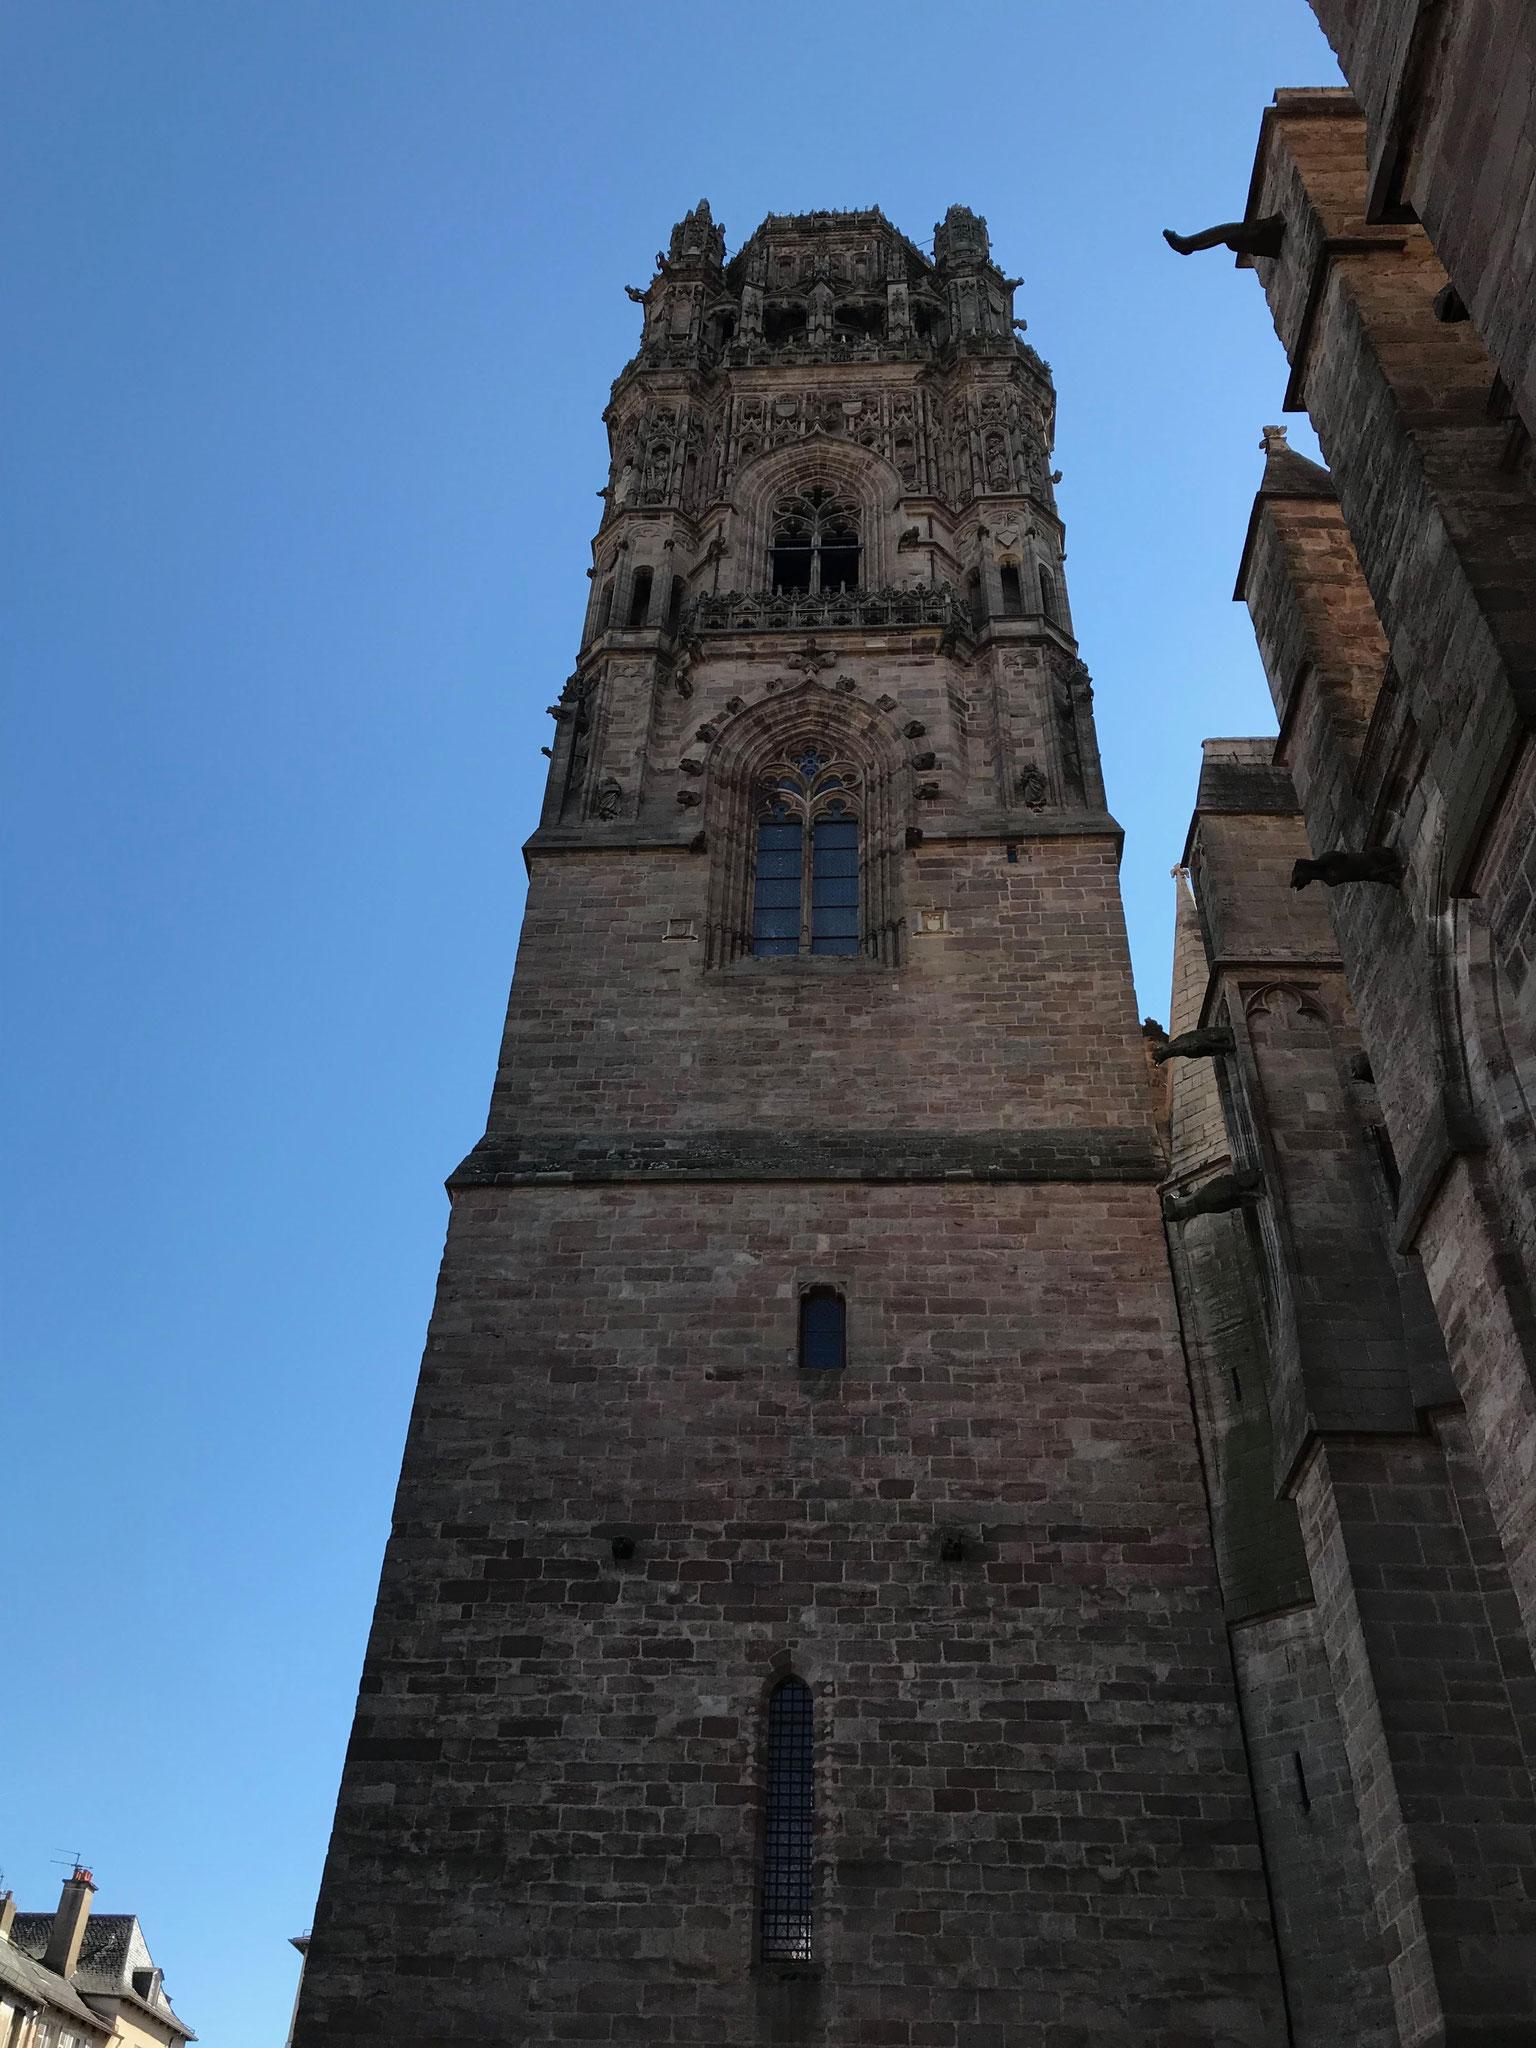 le campanile de Rodez, édifié en 13 ans  seulement, merveille du gothique flamboyant